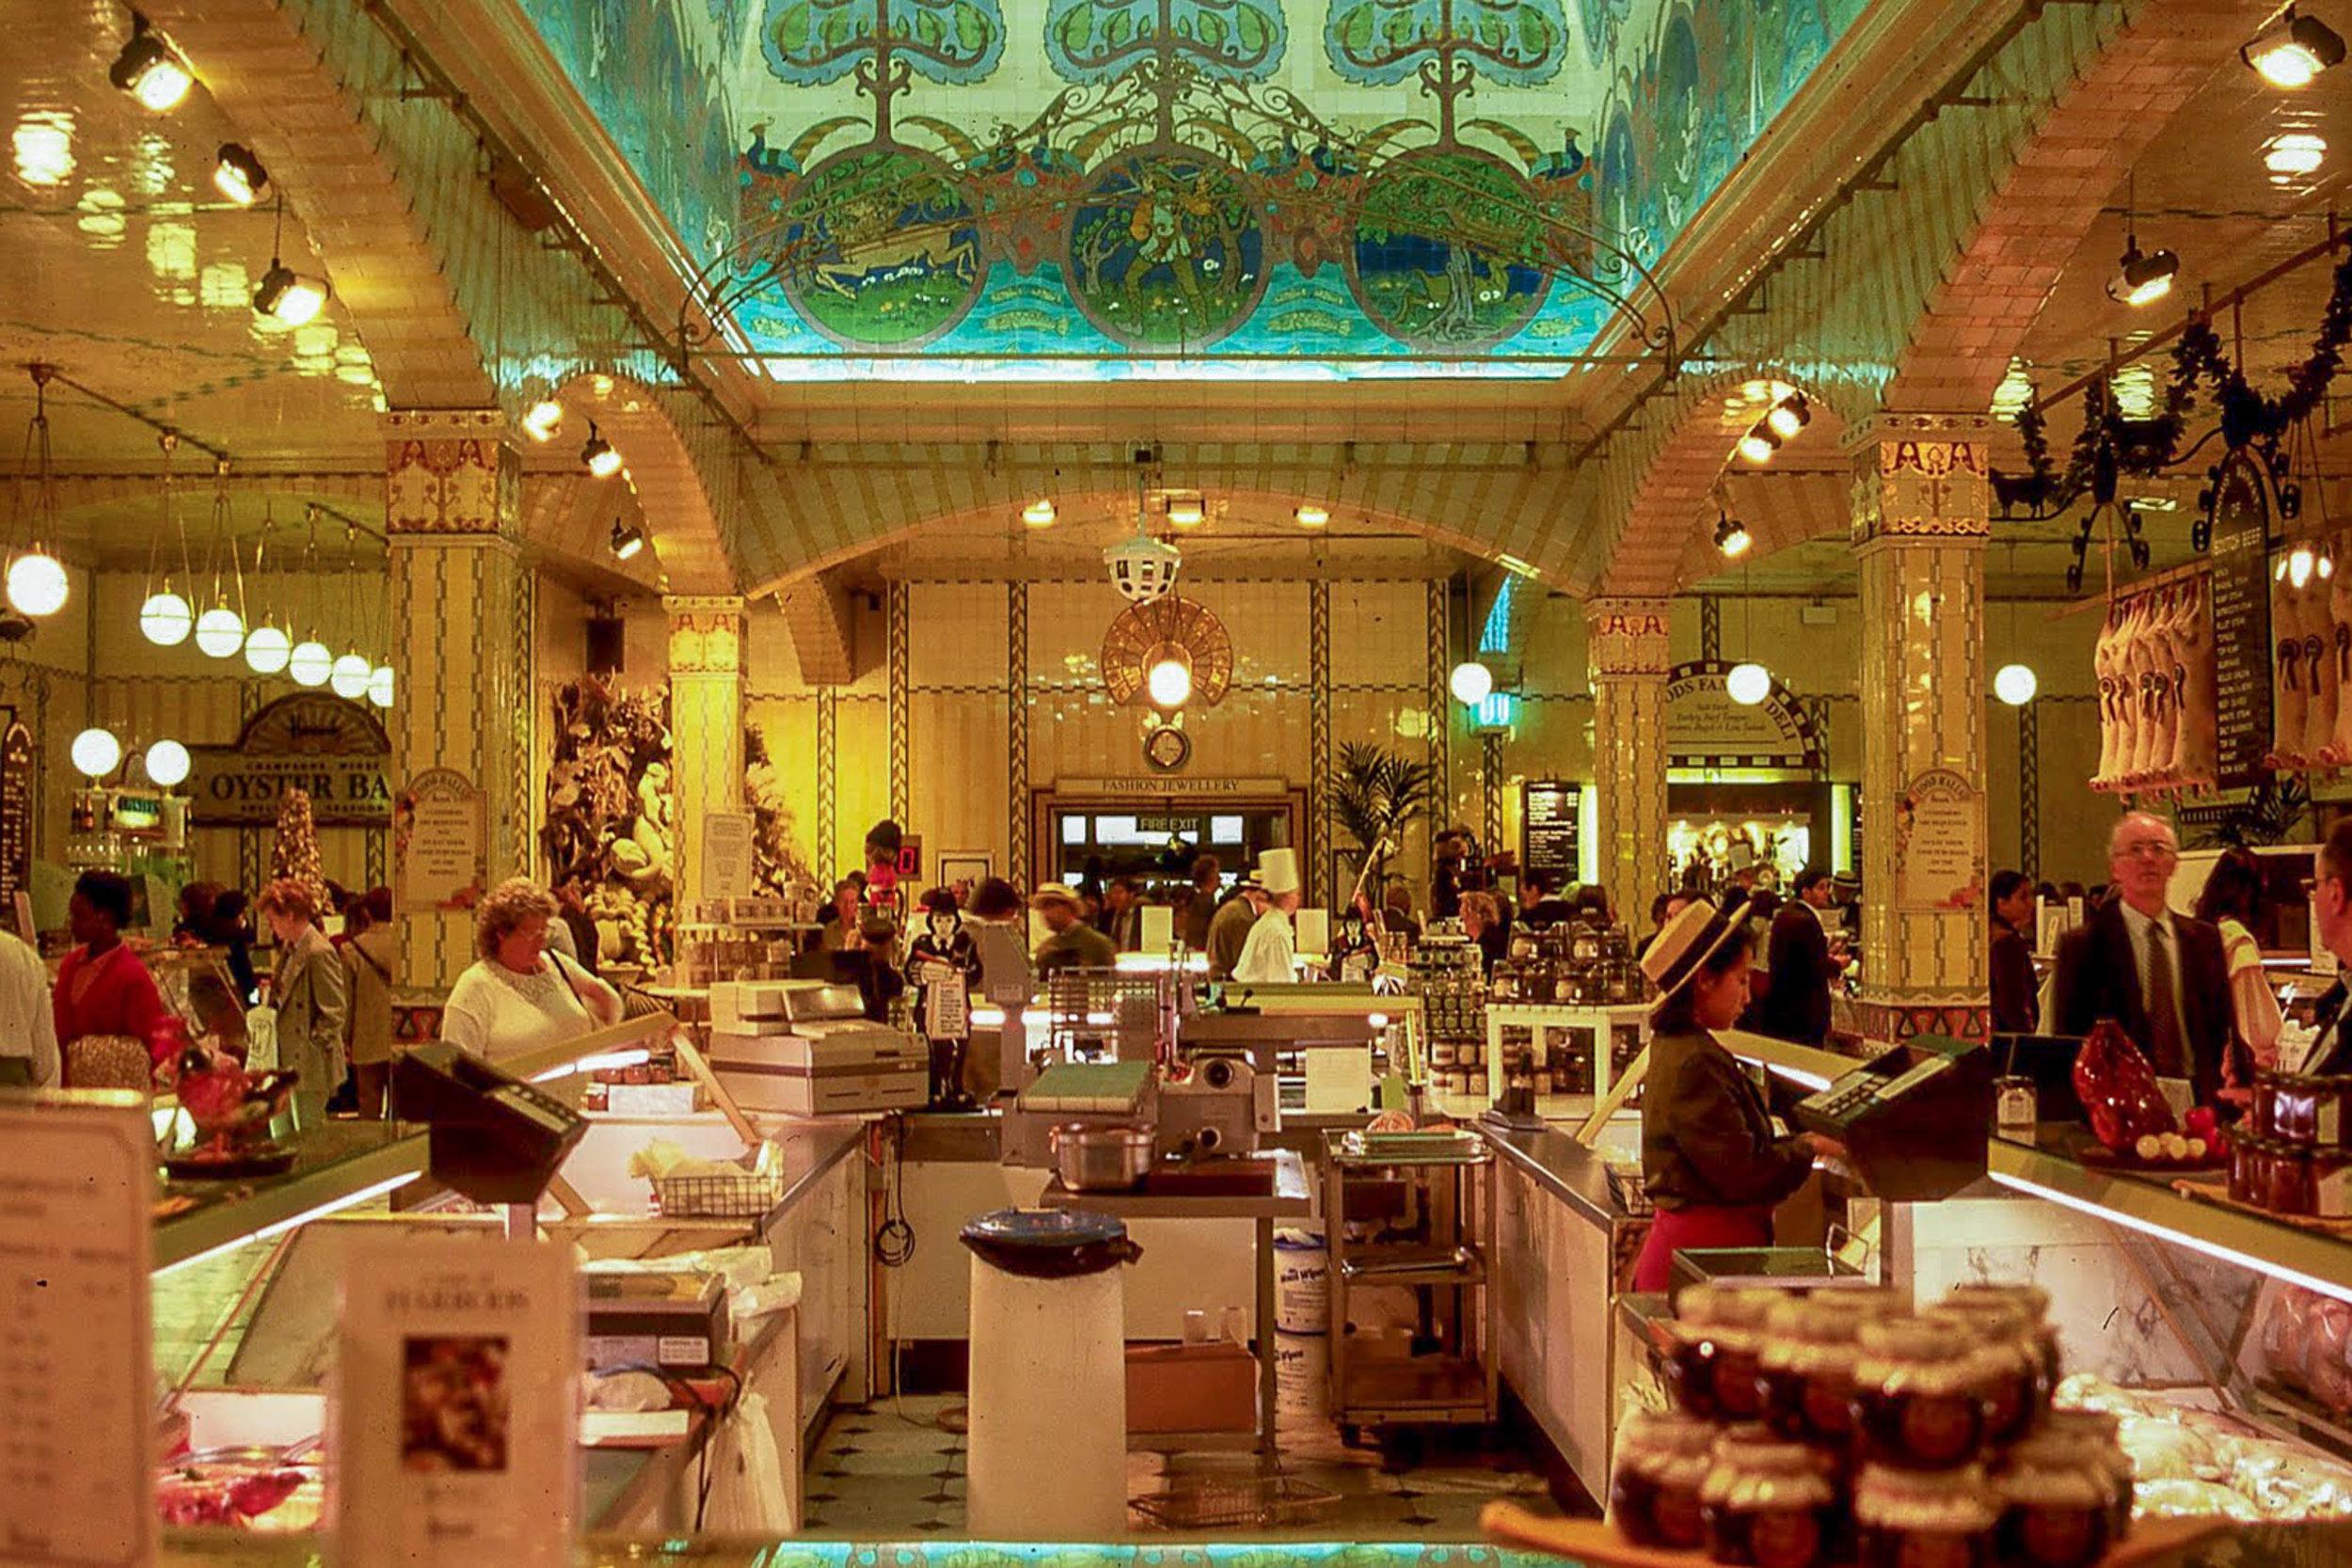 12_harrods food hall 2.jpg